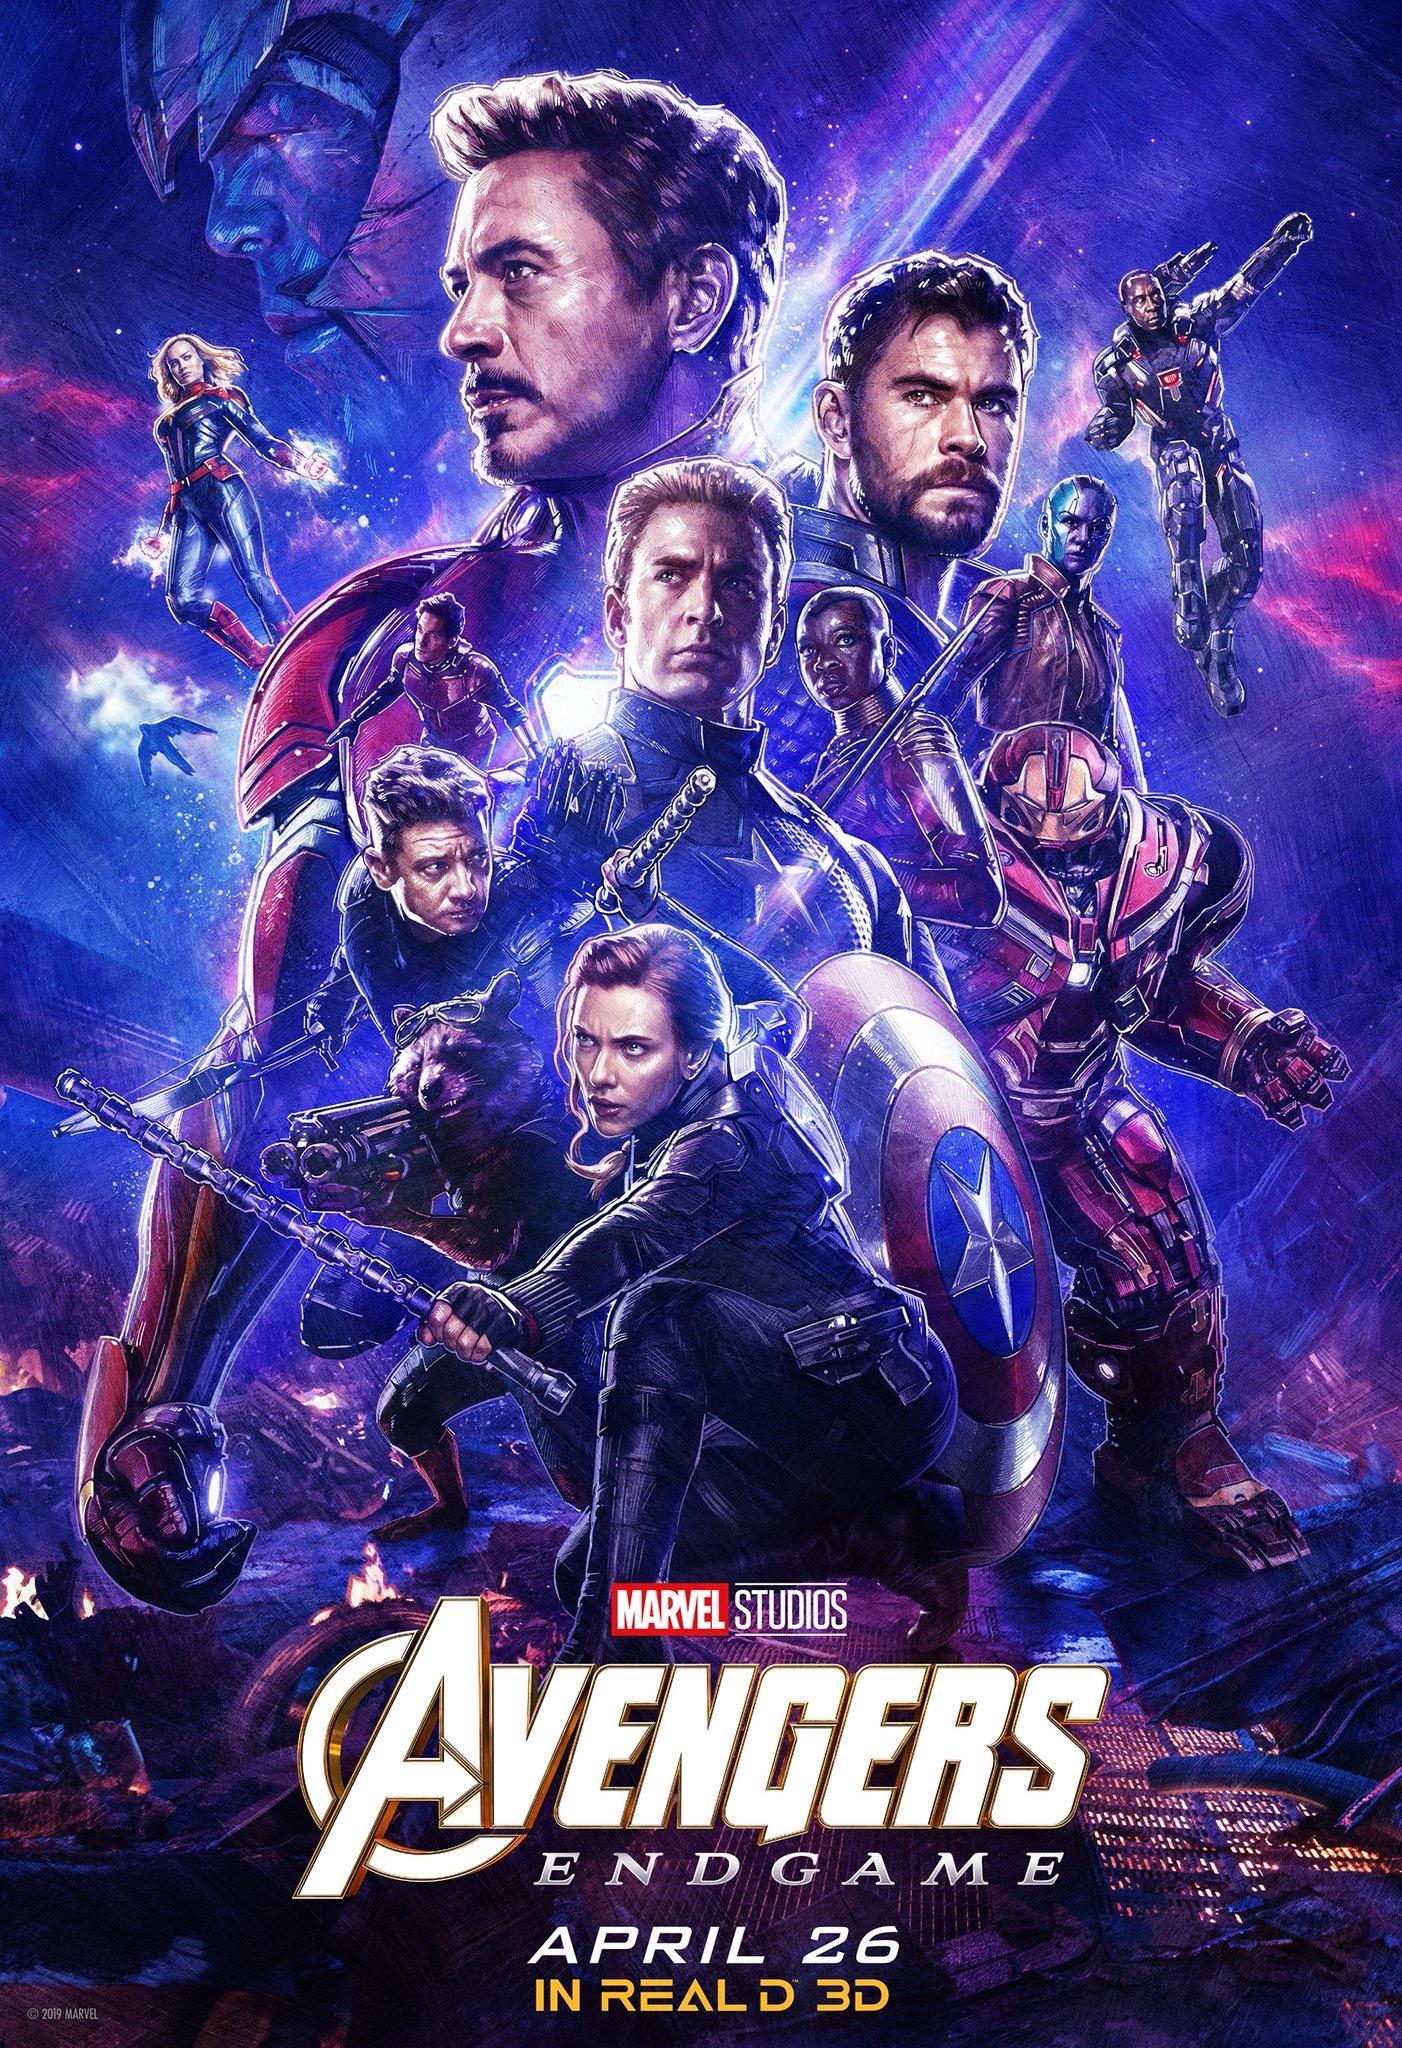 avengers-endgame-3d-movie.jpeg